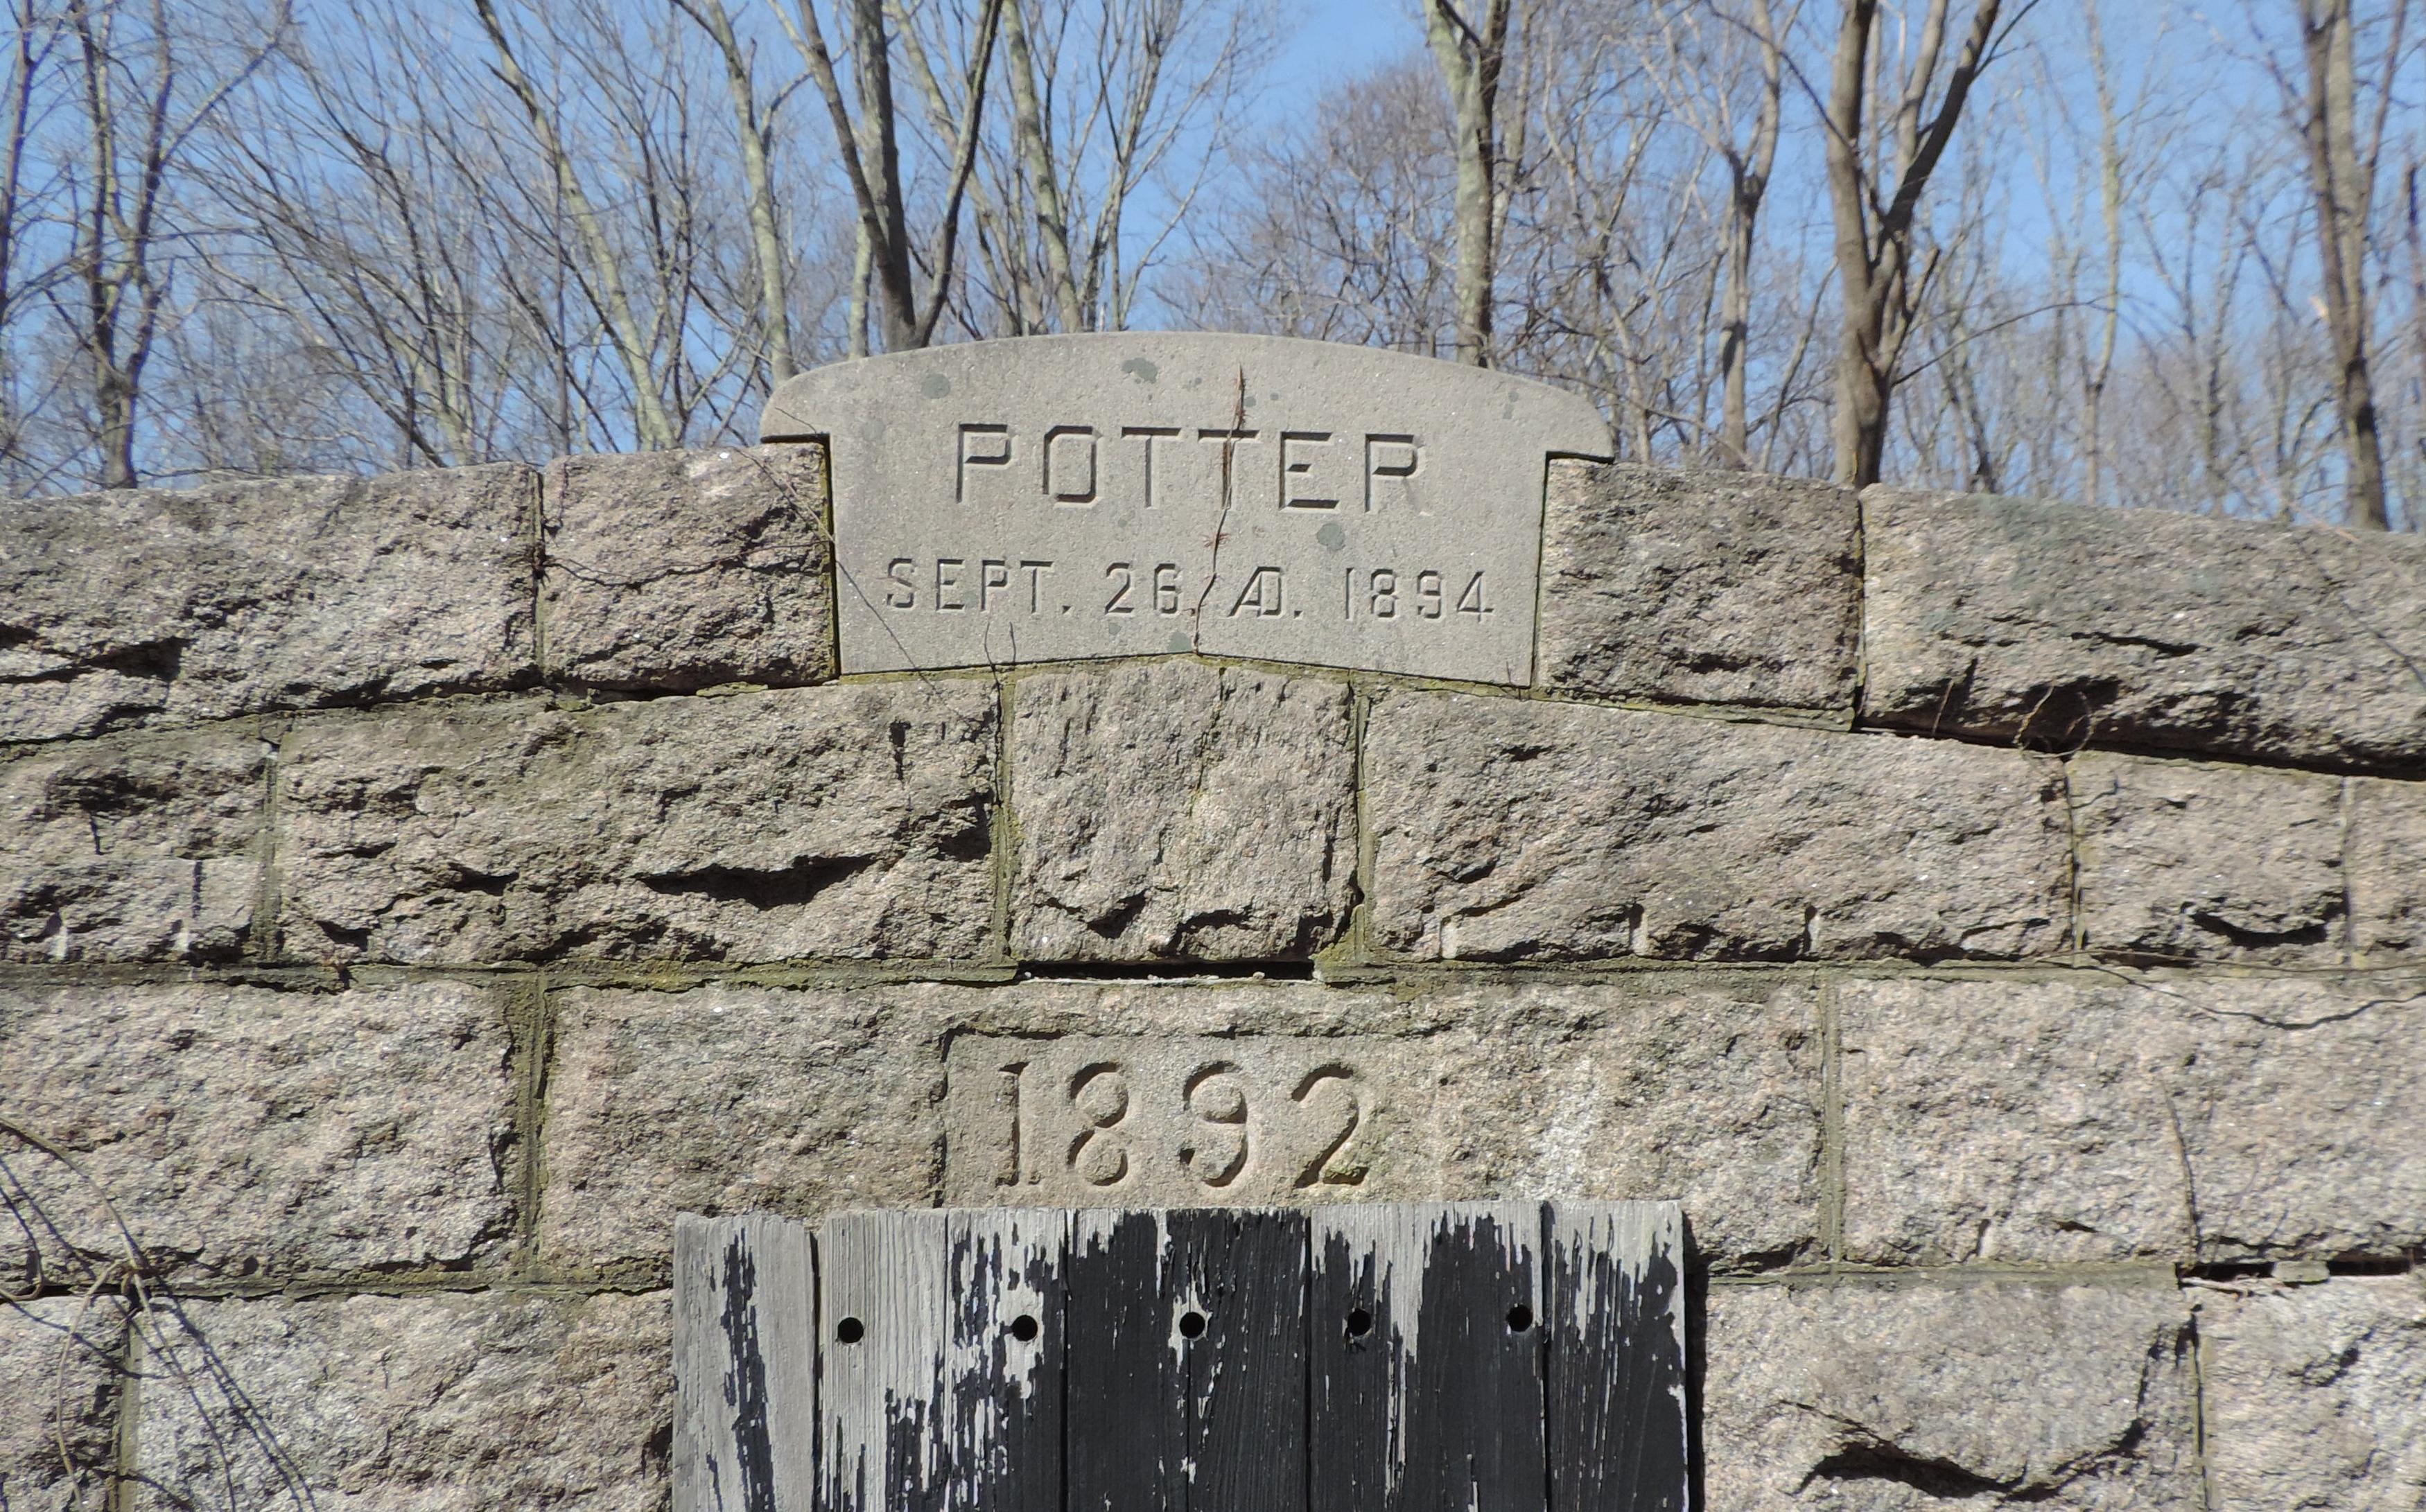 Elisha Reynolds Potter, Jr